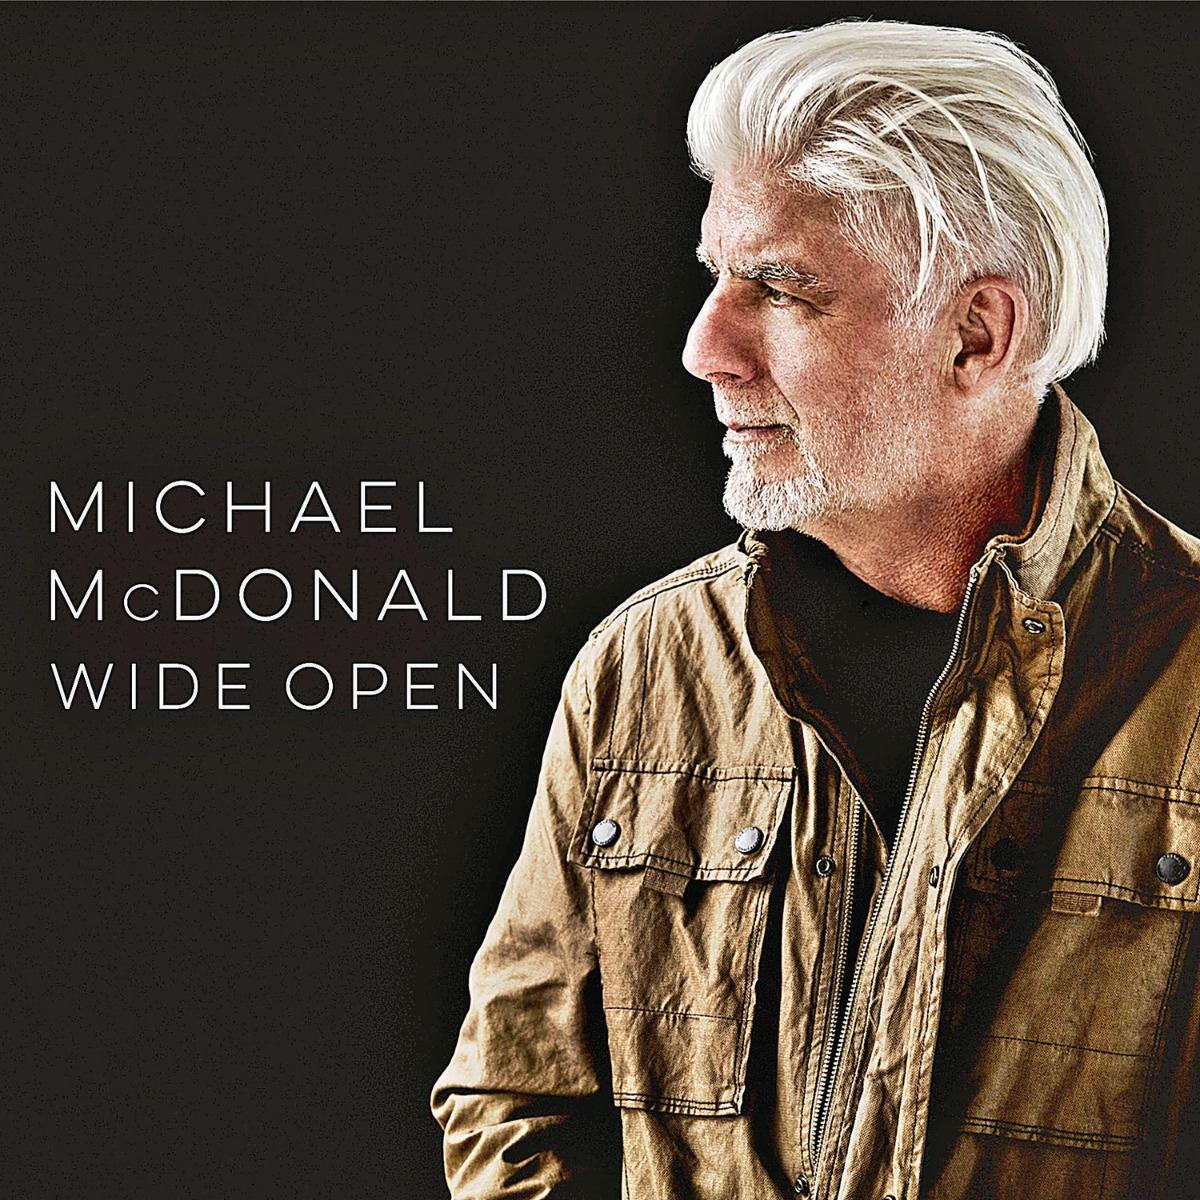 Resultado de imagen de michael mcdonald wide open